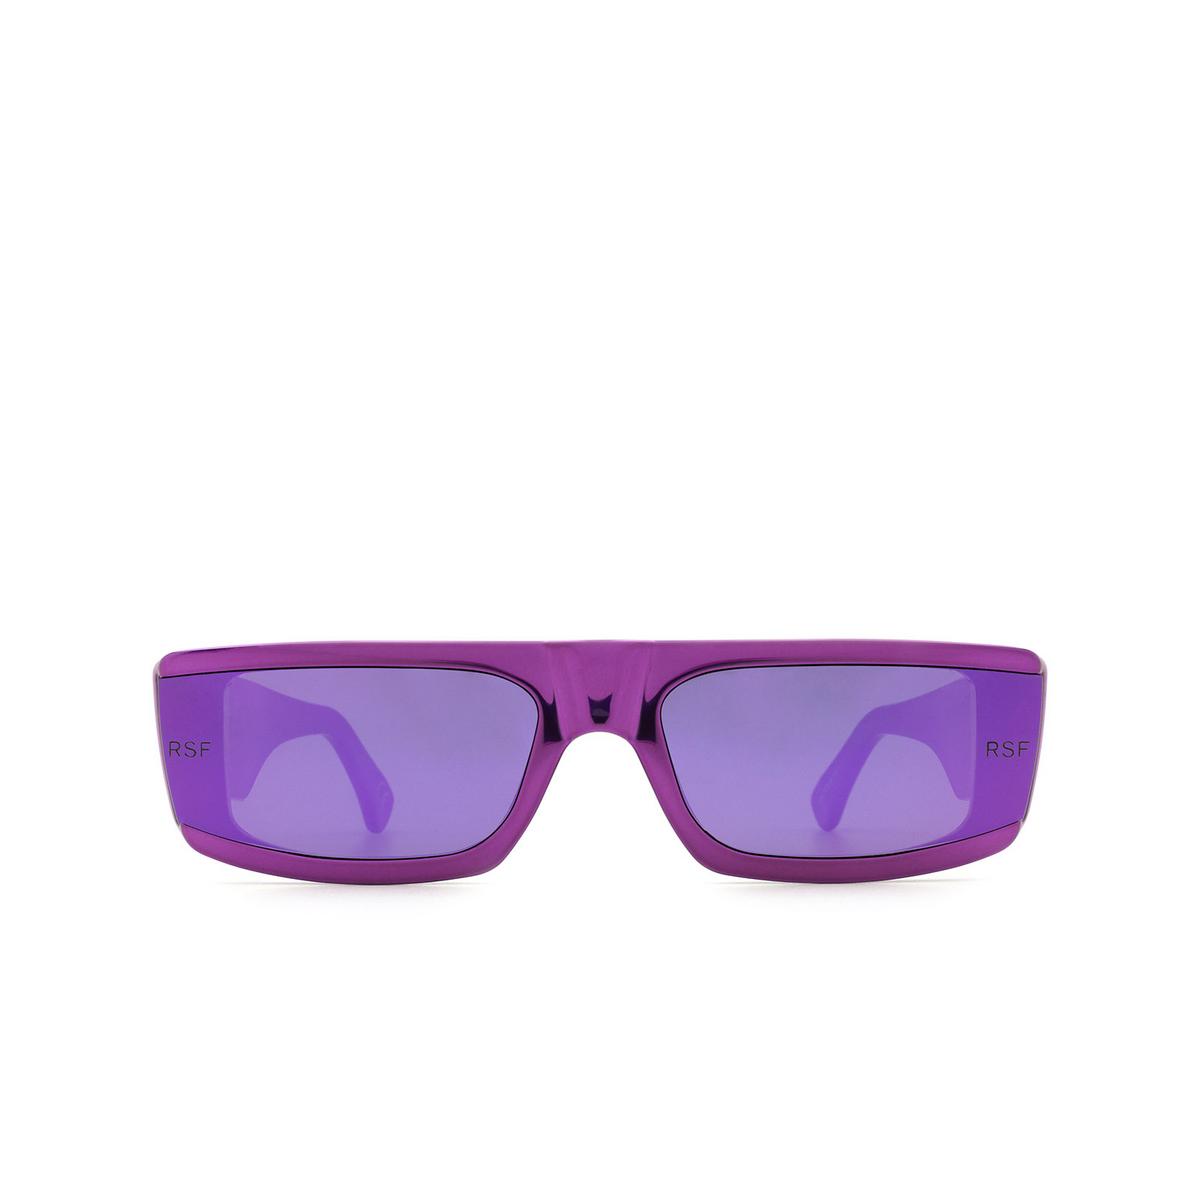 Retrosuperfuture® Rectangle Sunglasses: Issimo color Chrome Fuxia U02 - front view.